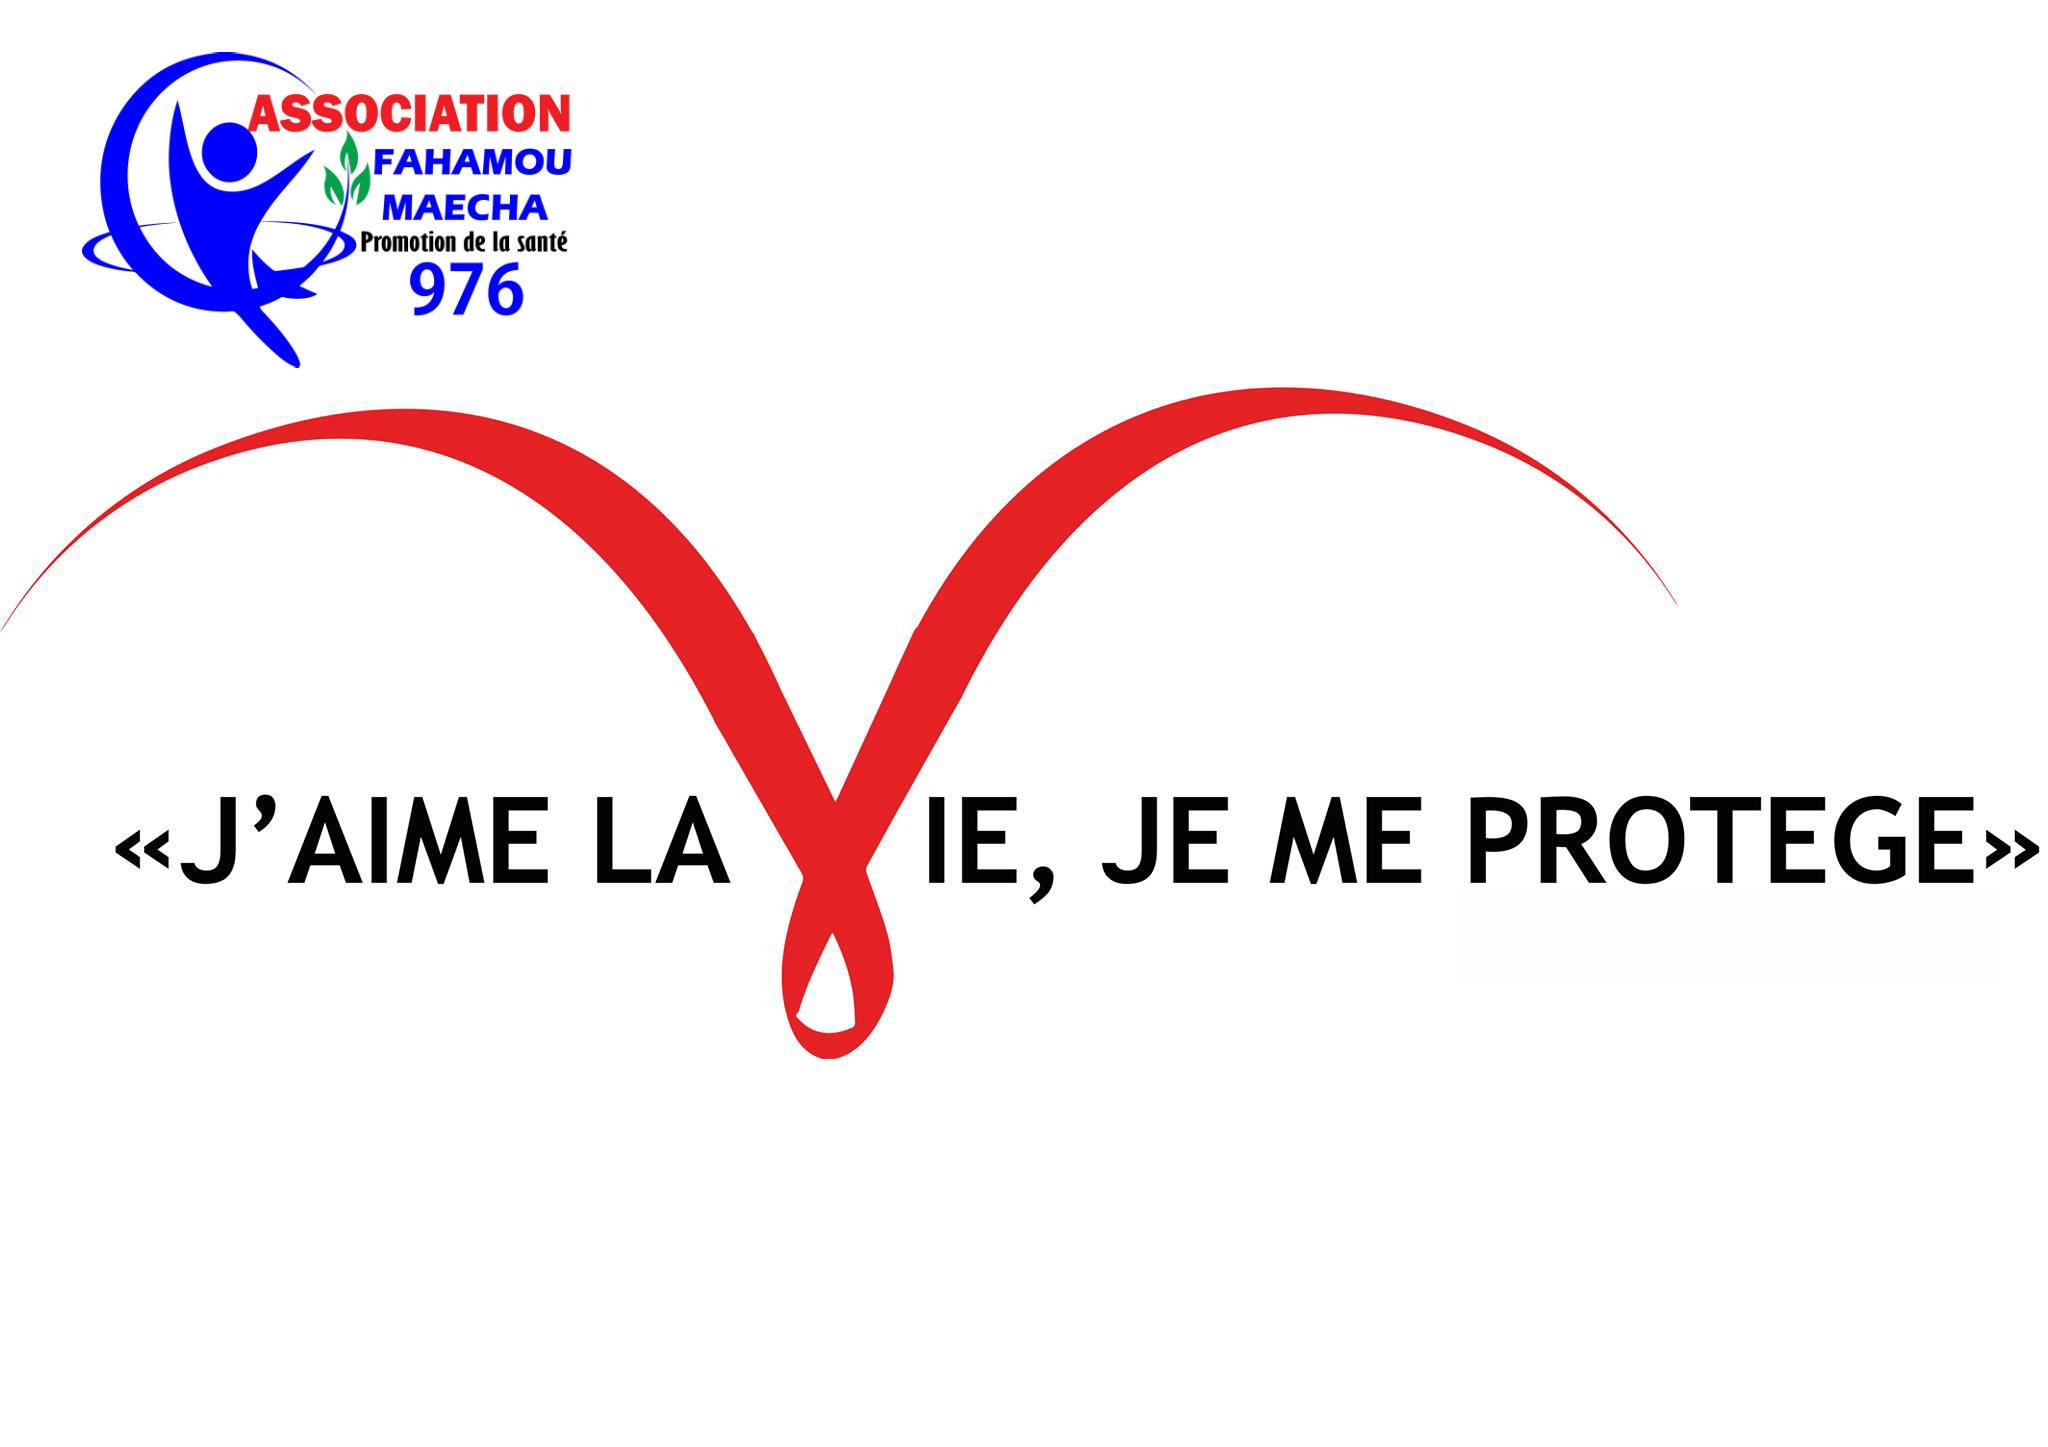 La journée mondiale de lutte contre le SIDA